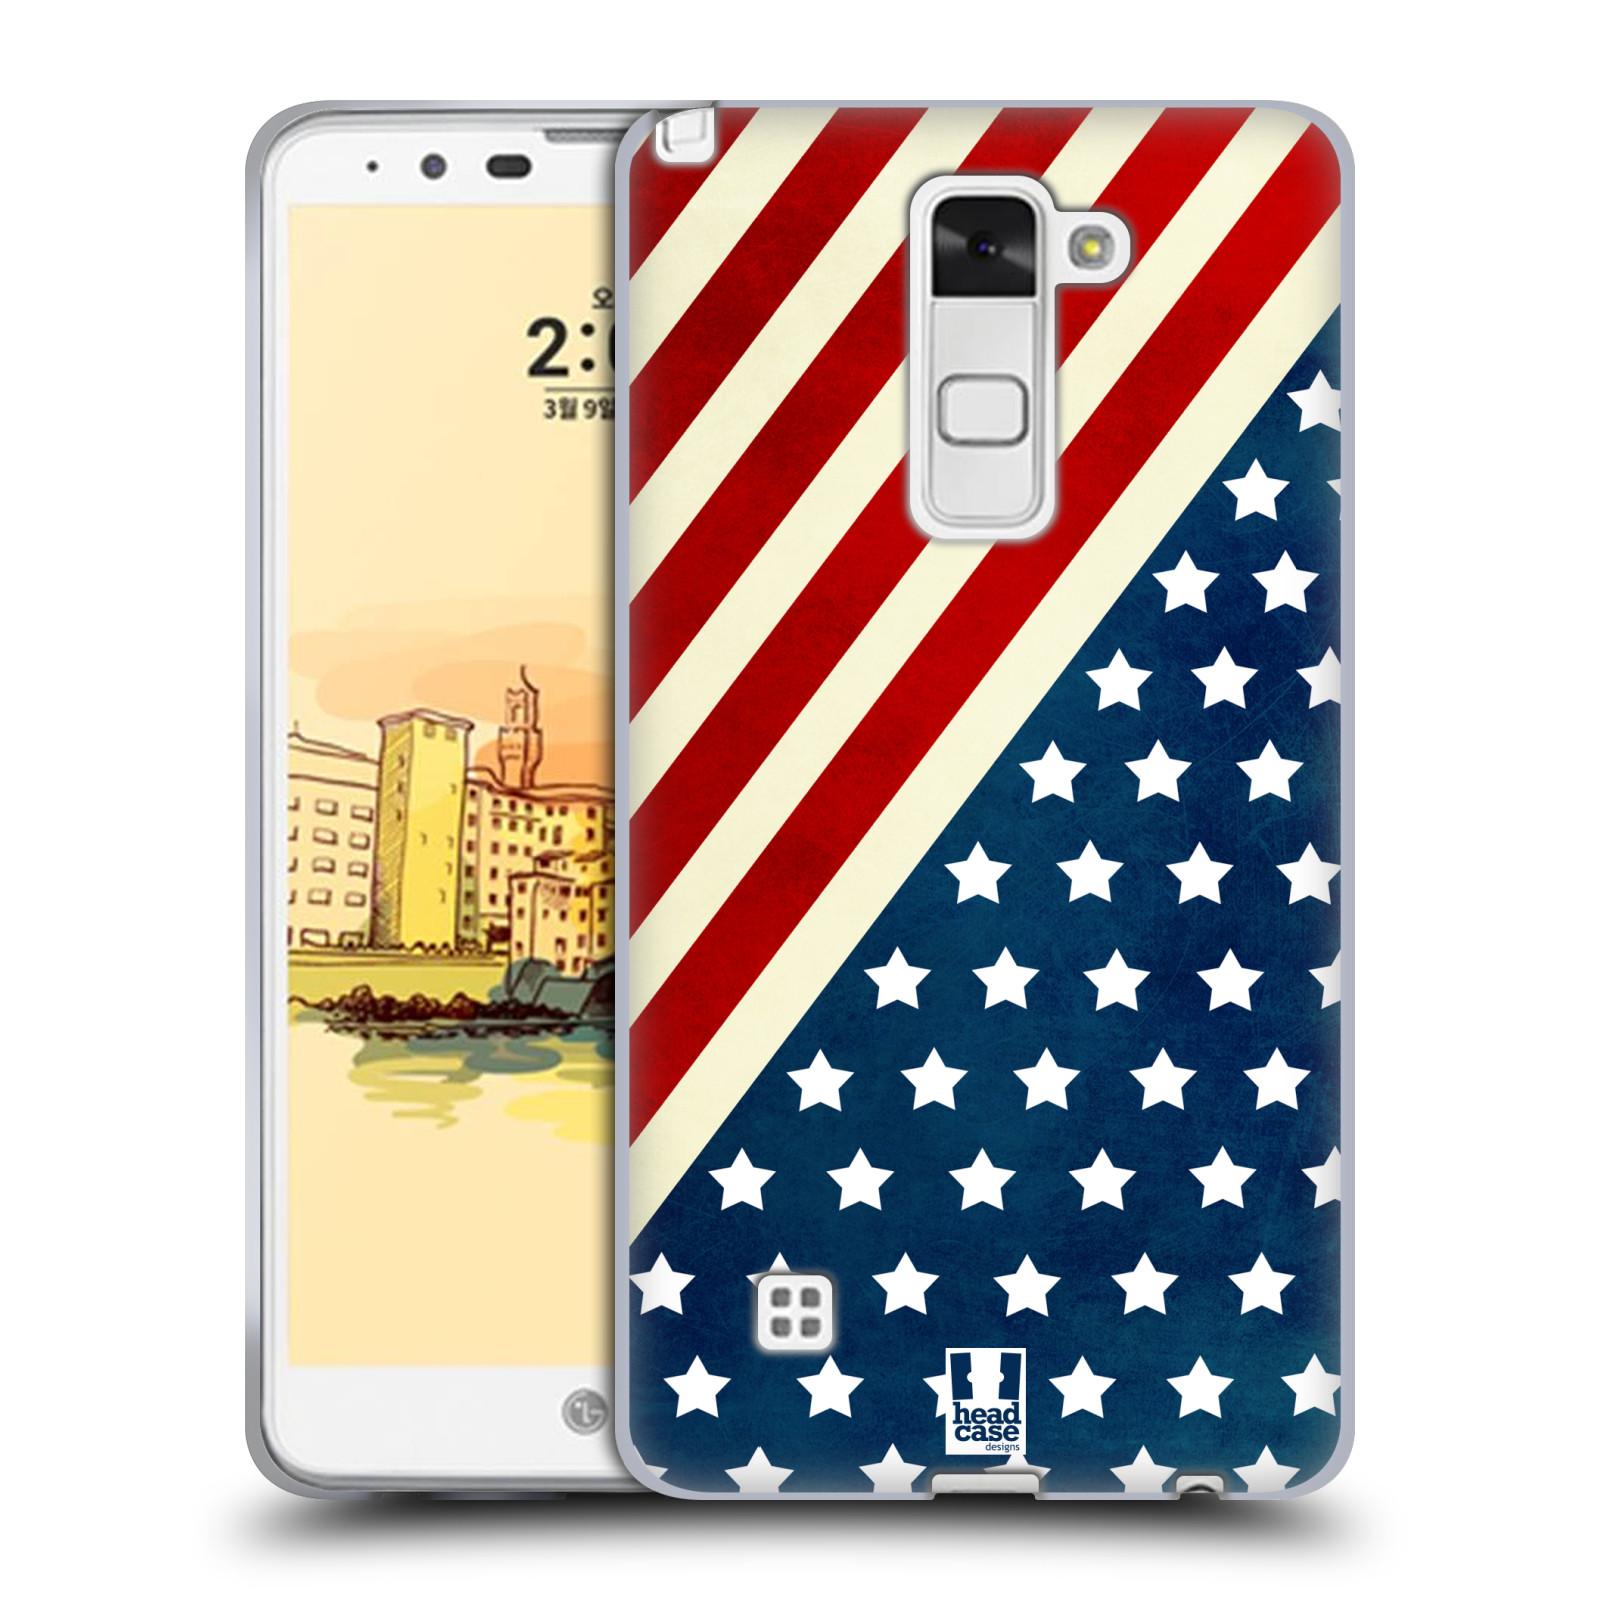 HEAD CASE silikonový obal na mobil LG Stylus 2 (K520) vzor USA VLAJKA DIAGONÁLA